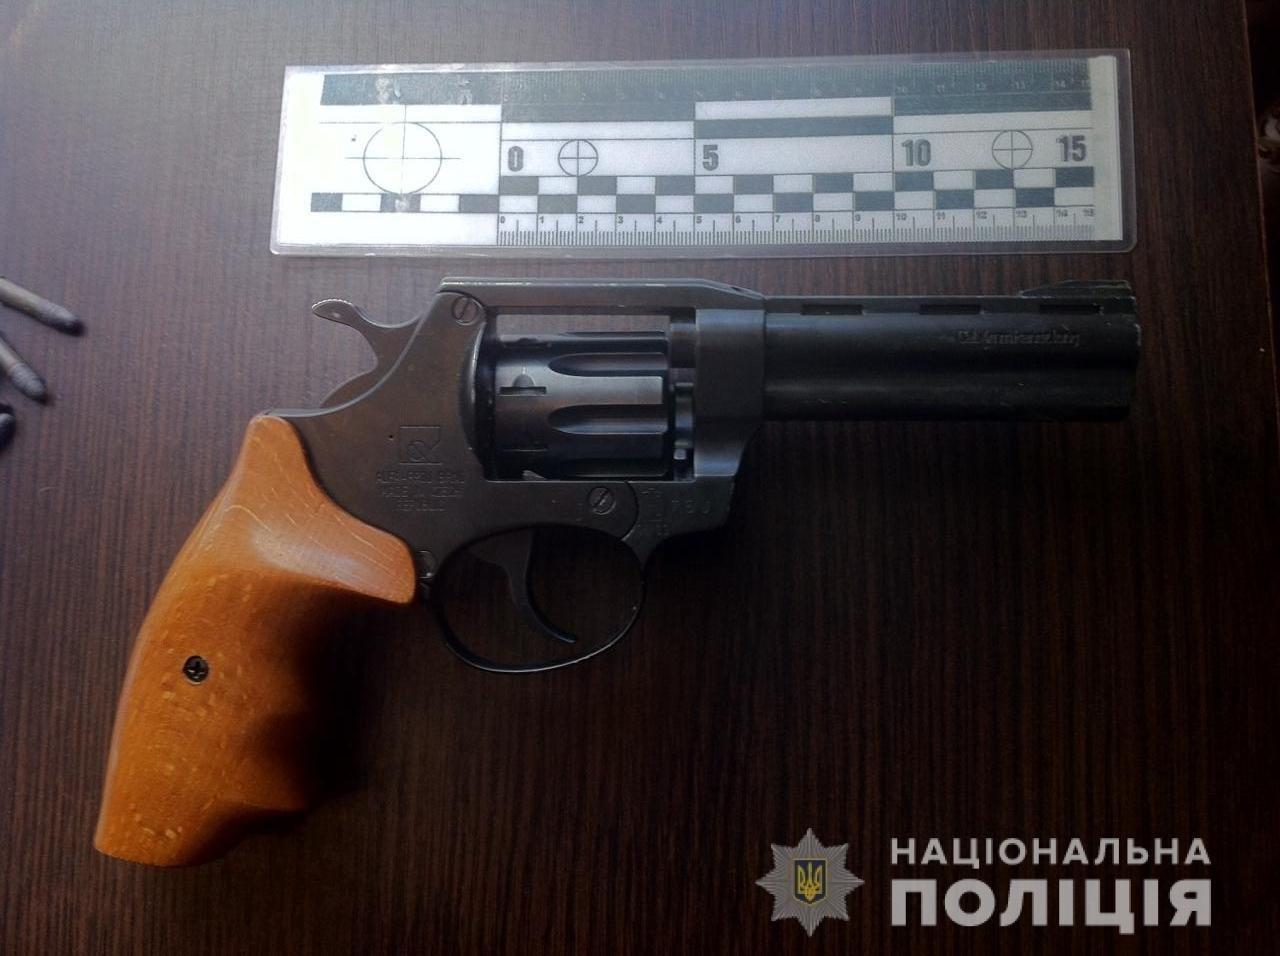 Злодія, який виніс із приватного будинку на Закарпатті 300 тисяч гривень, знайшли на Житомирщині (ФОТО), фото-2